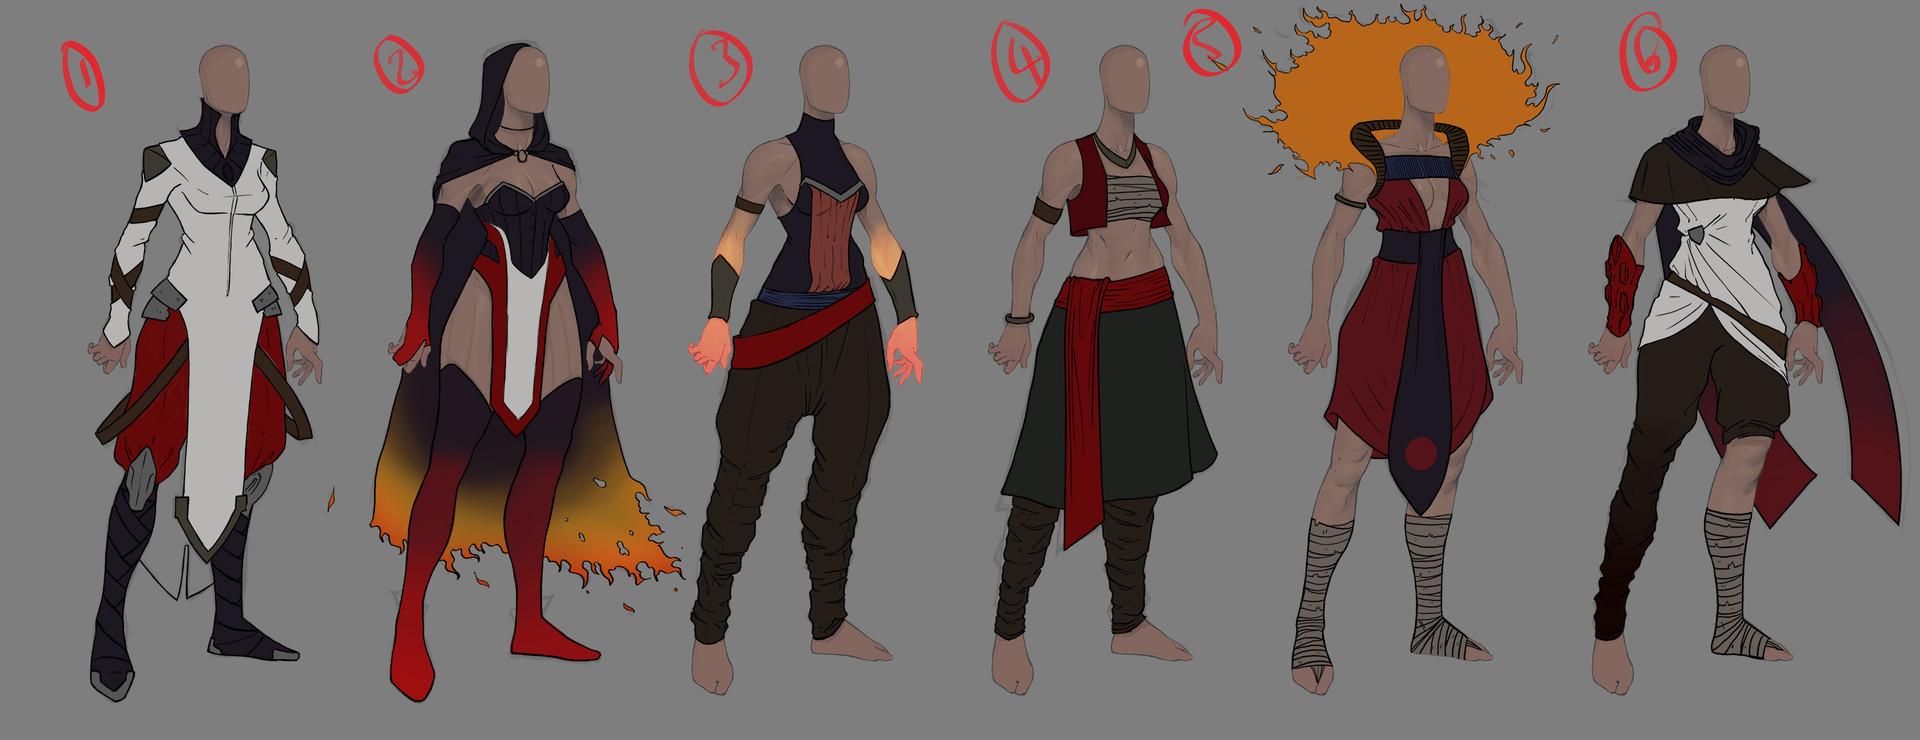 Tumo mere body designs